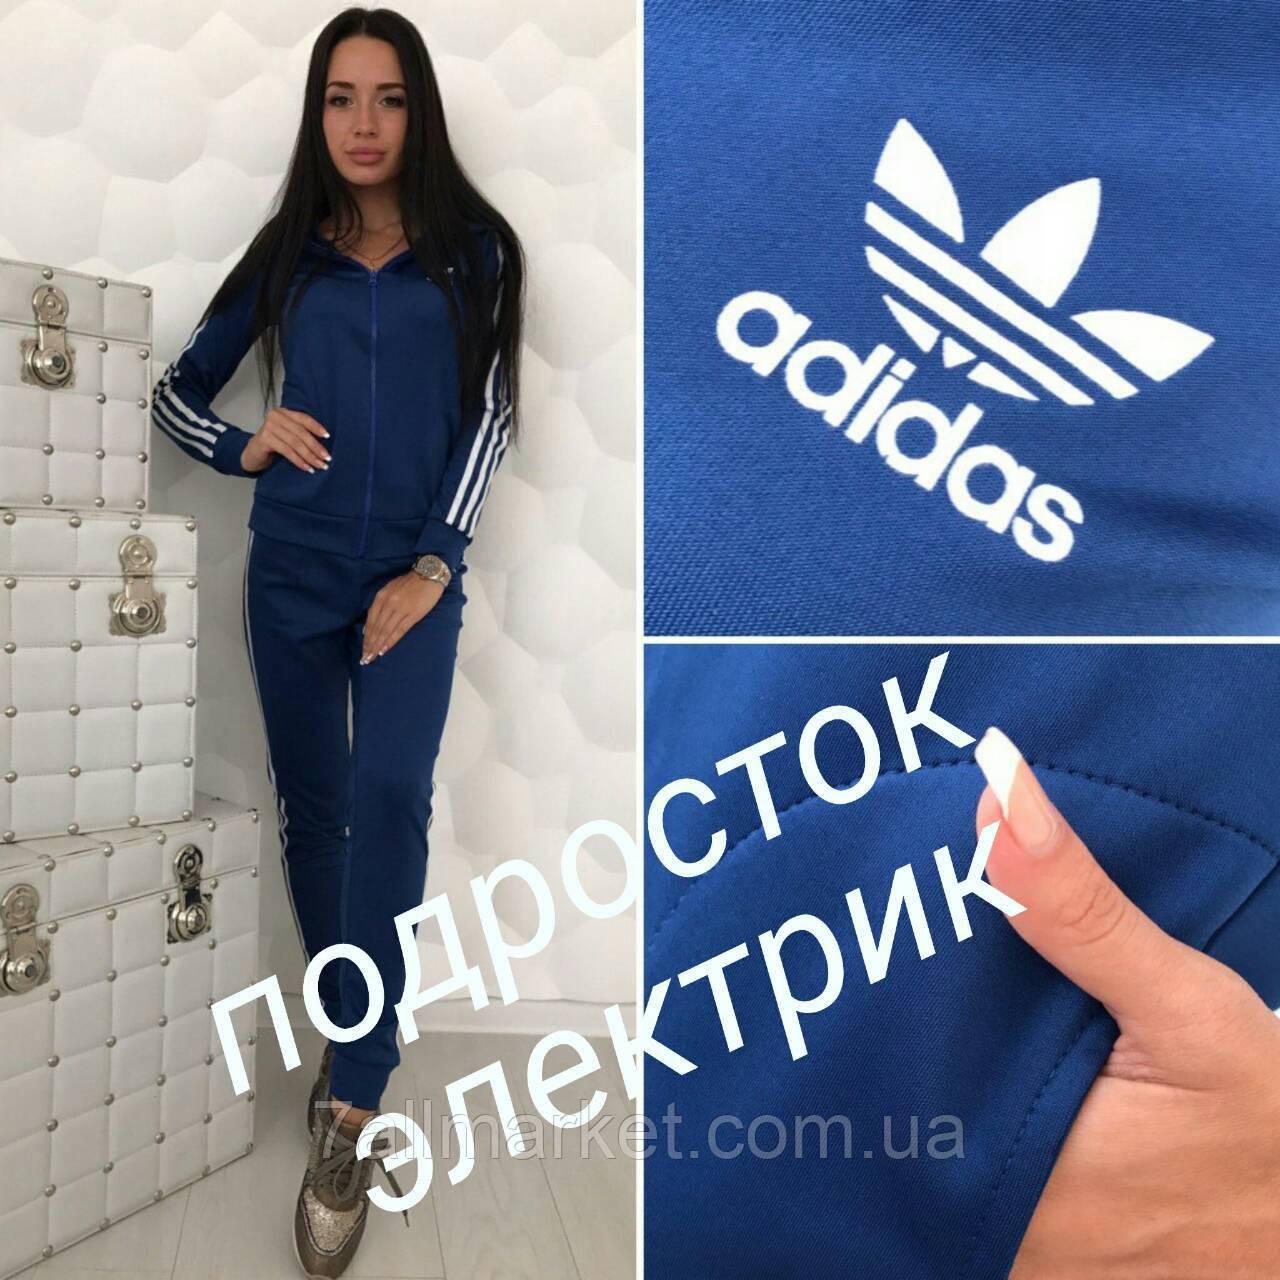 1e884a1b Спортивный костюм подростковый ADIDAS на девочку размеры 34-38 Серия